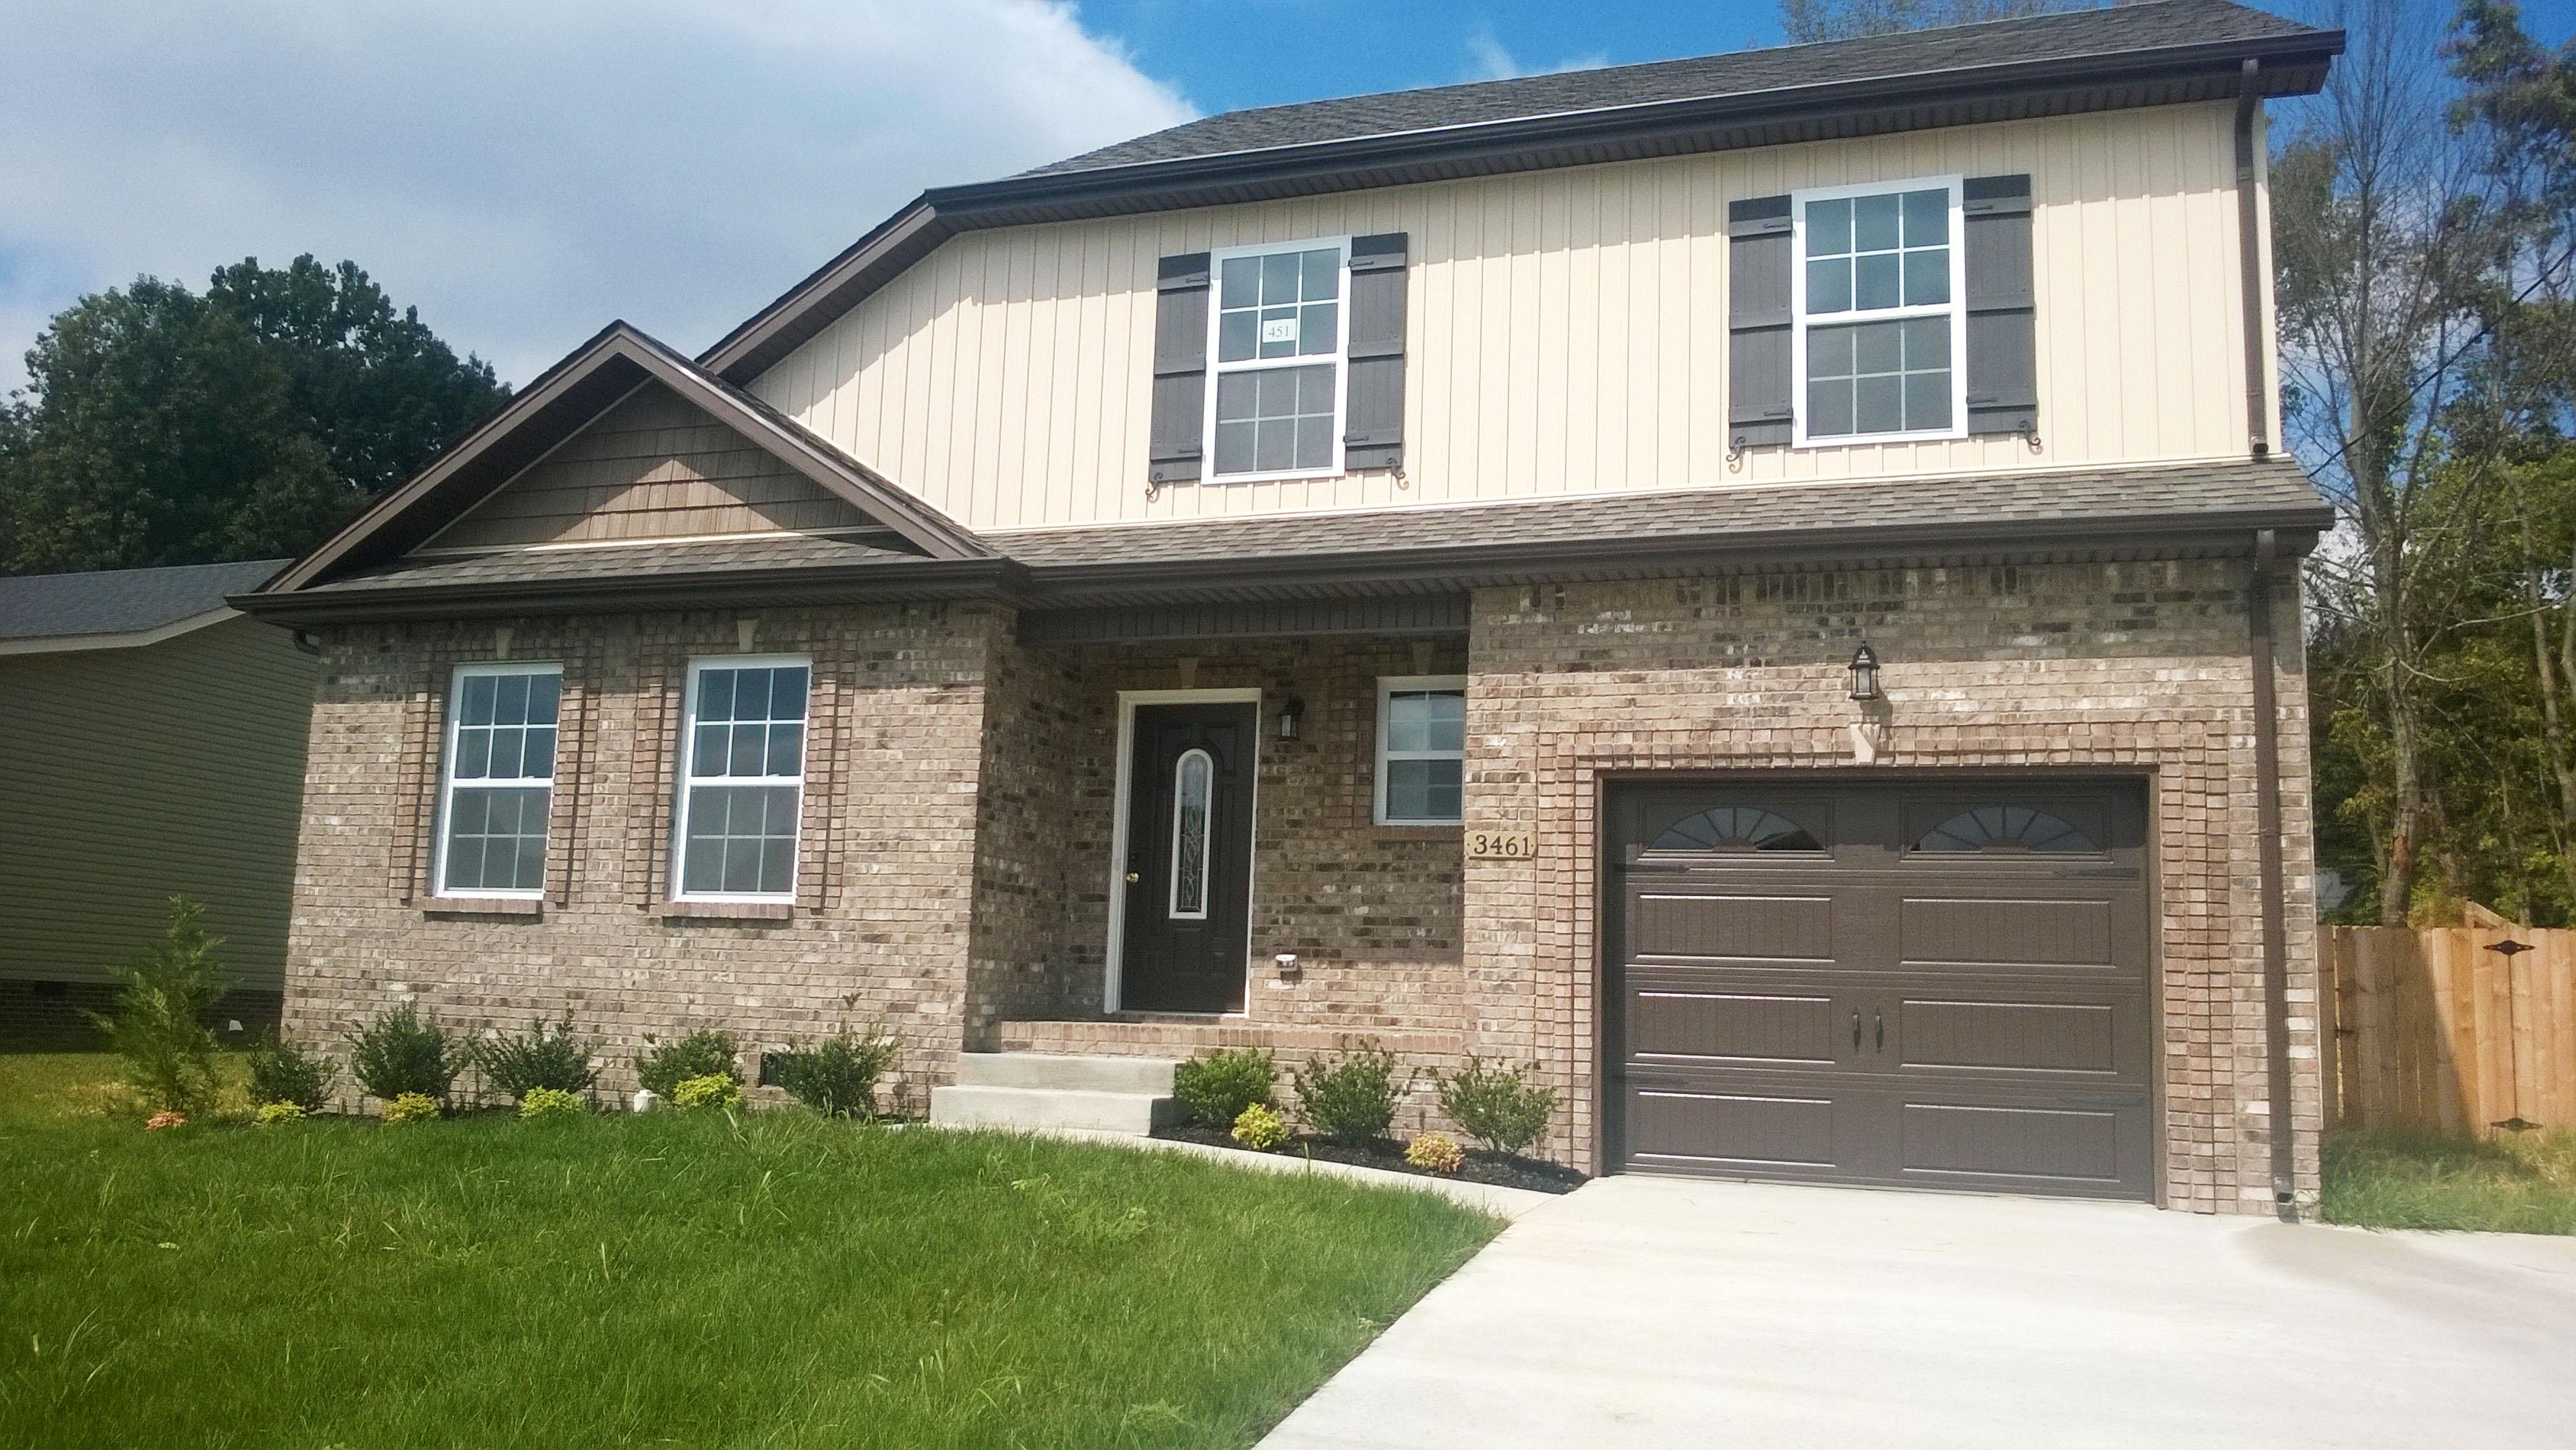 3461 Bradfield Drive Clarksville, TN 37042